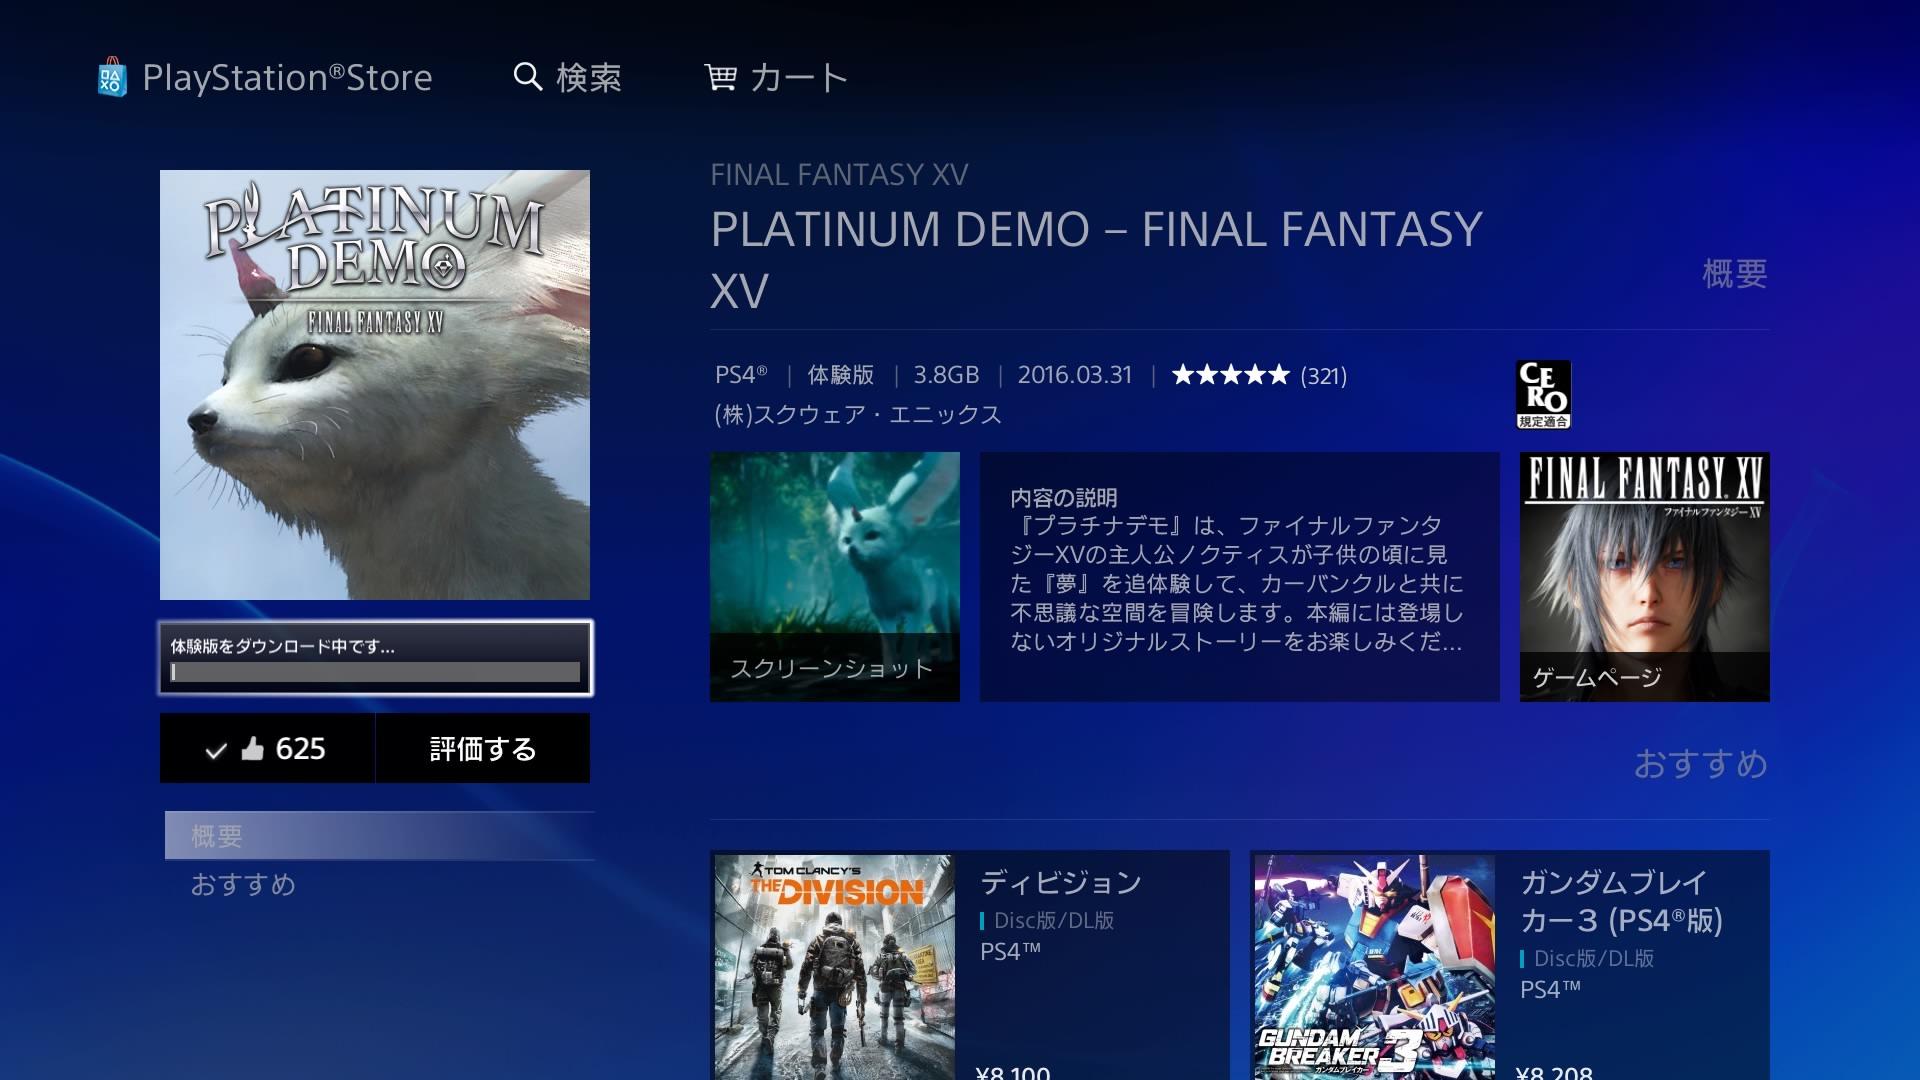 Final fantasy xv platinum demo 2